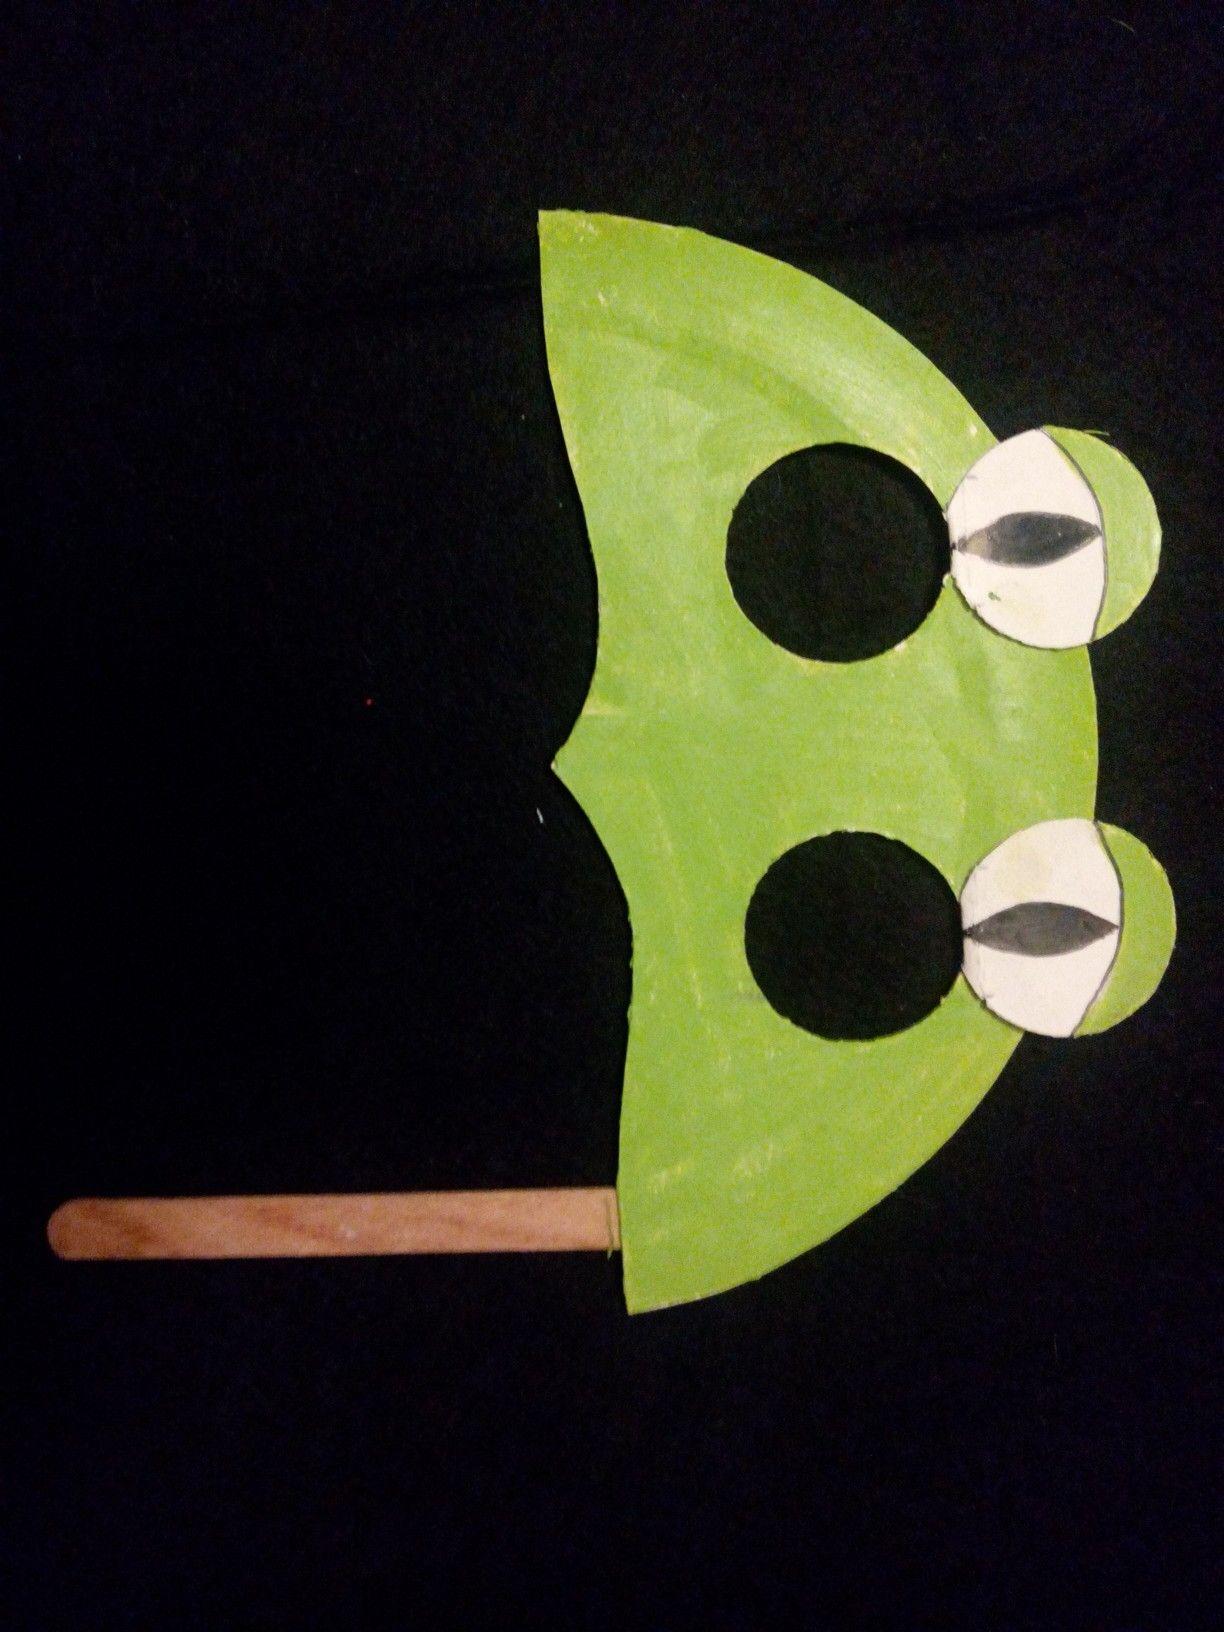 frog paper plate mask | For kids | Paper plate masks, Mask for kids